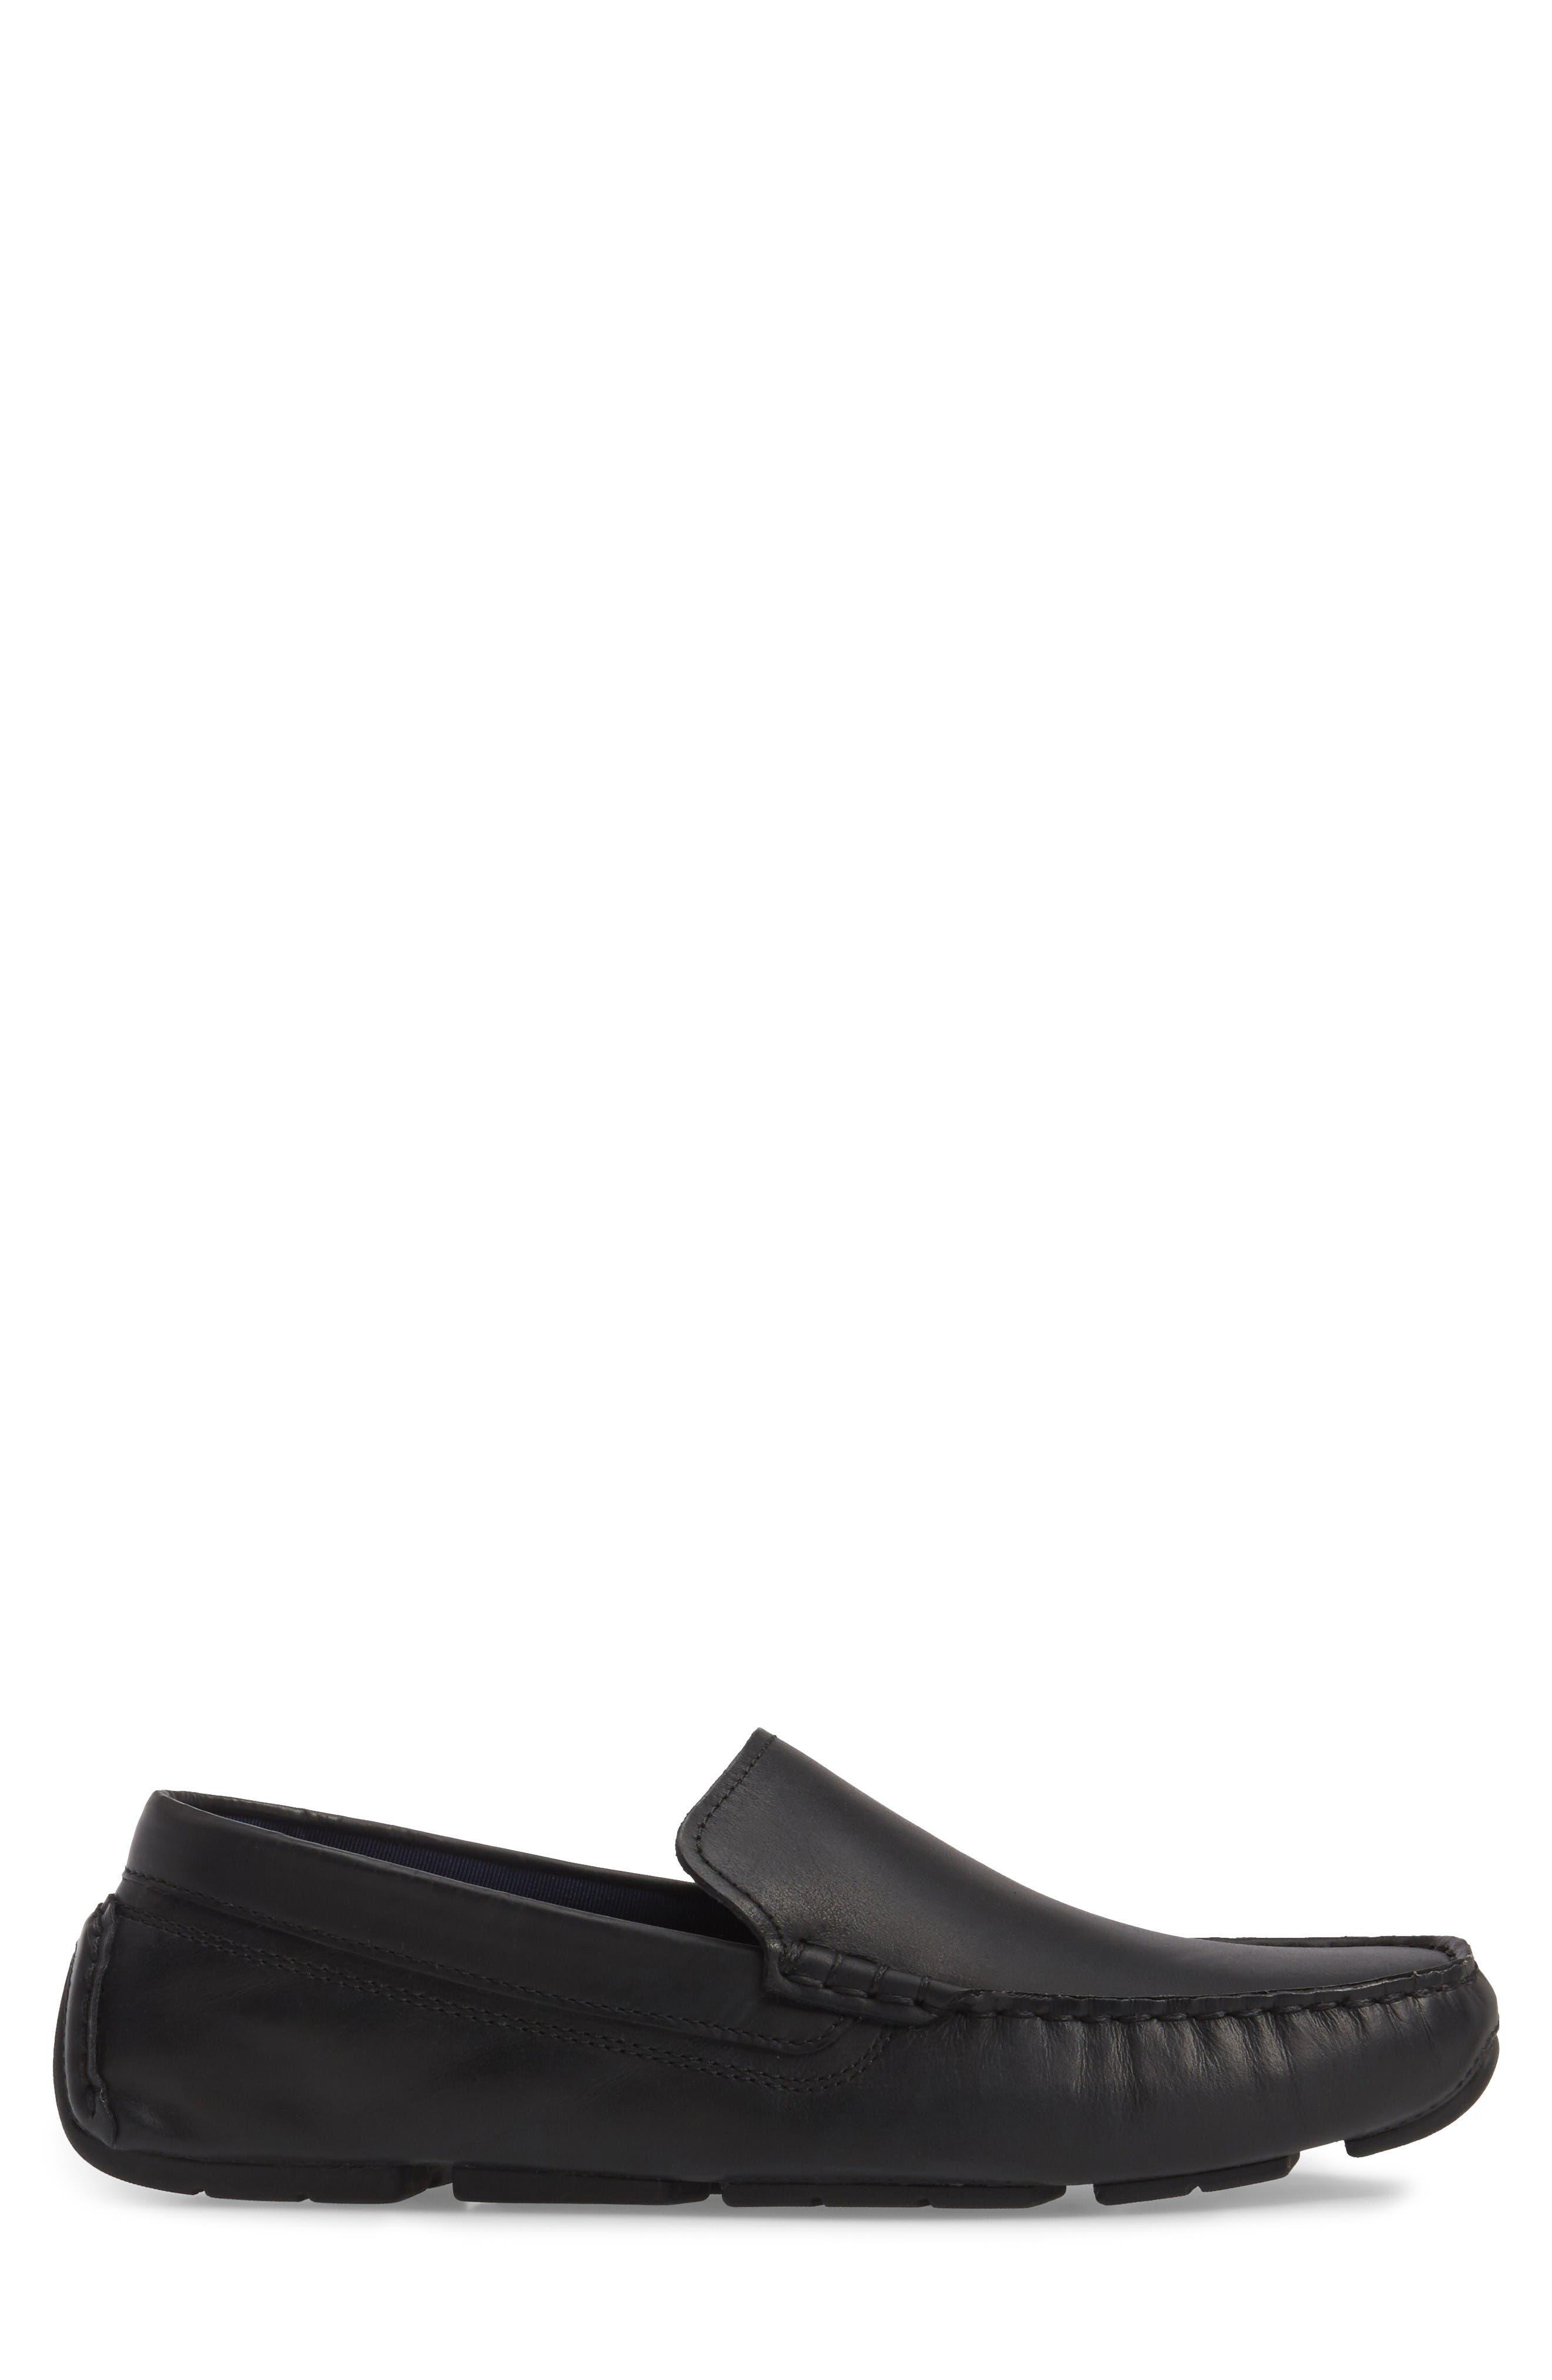 Kelson Venetian Driving Loafer,                             Alternate thumbnail 3, color,                             Black